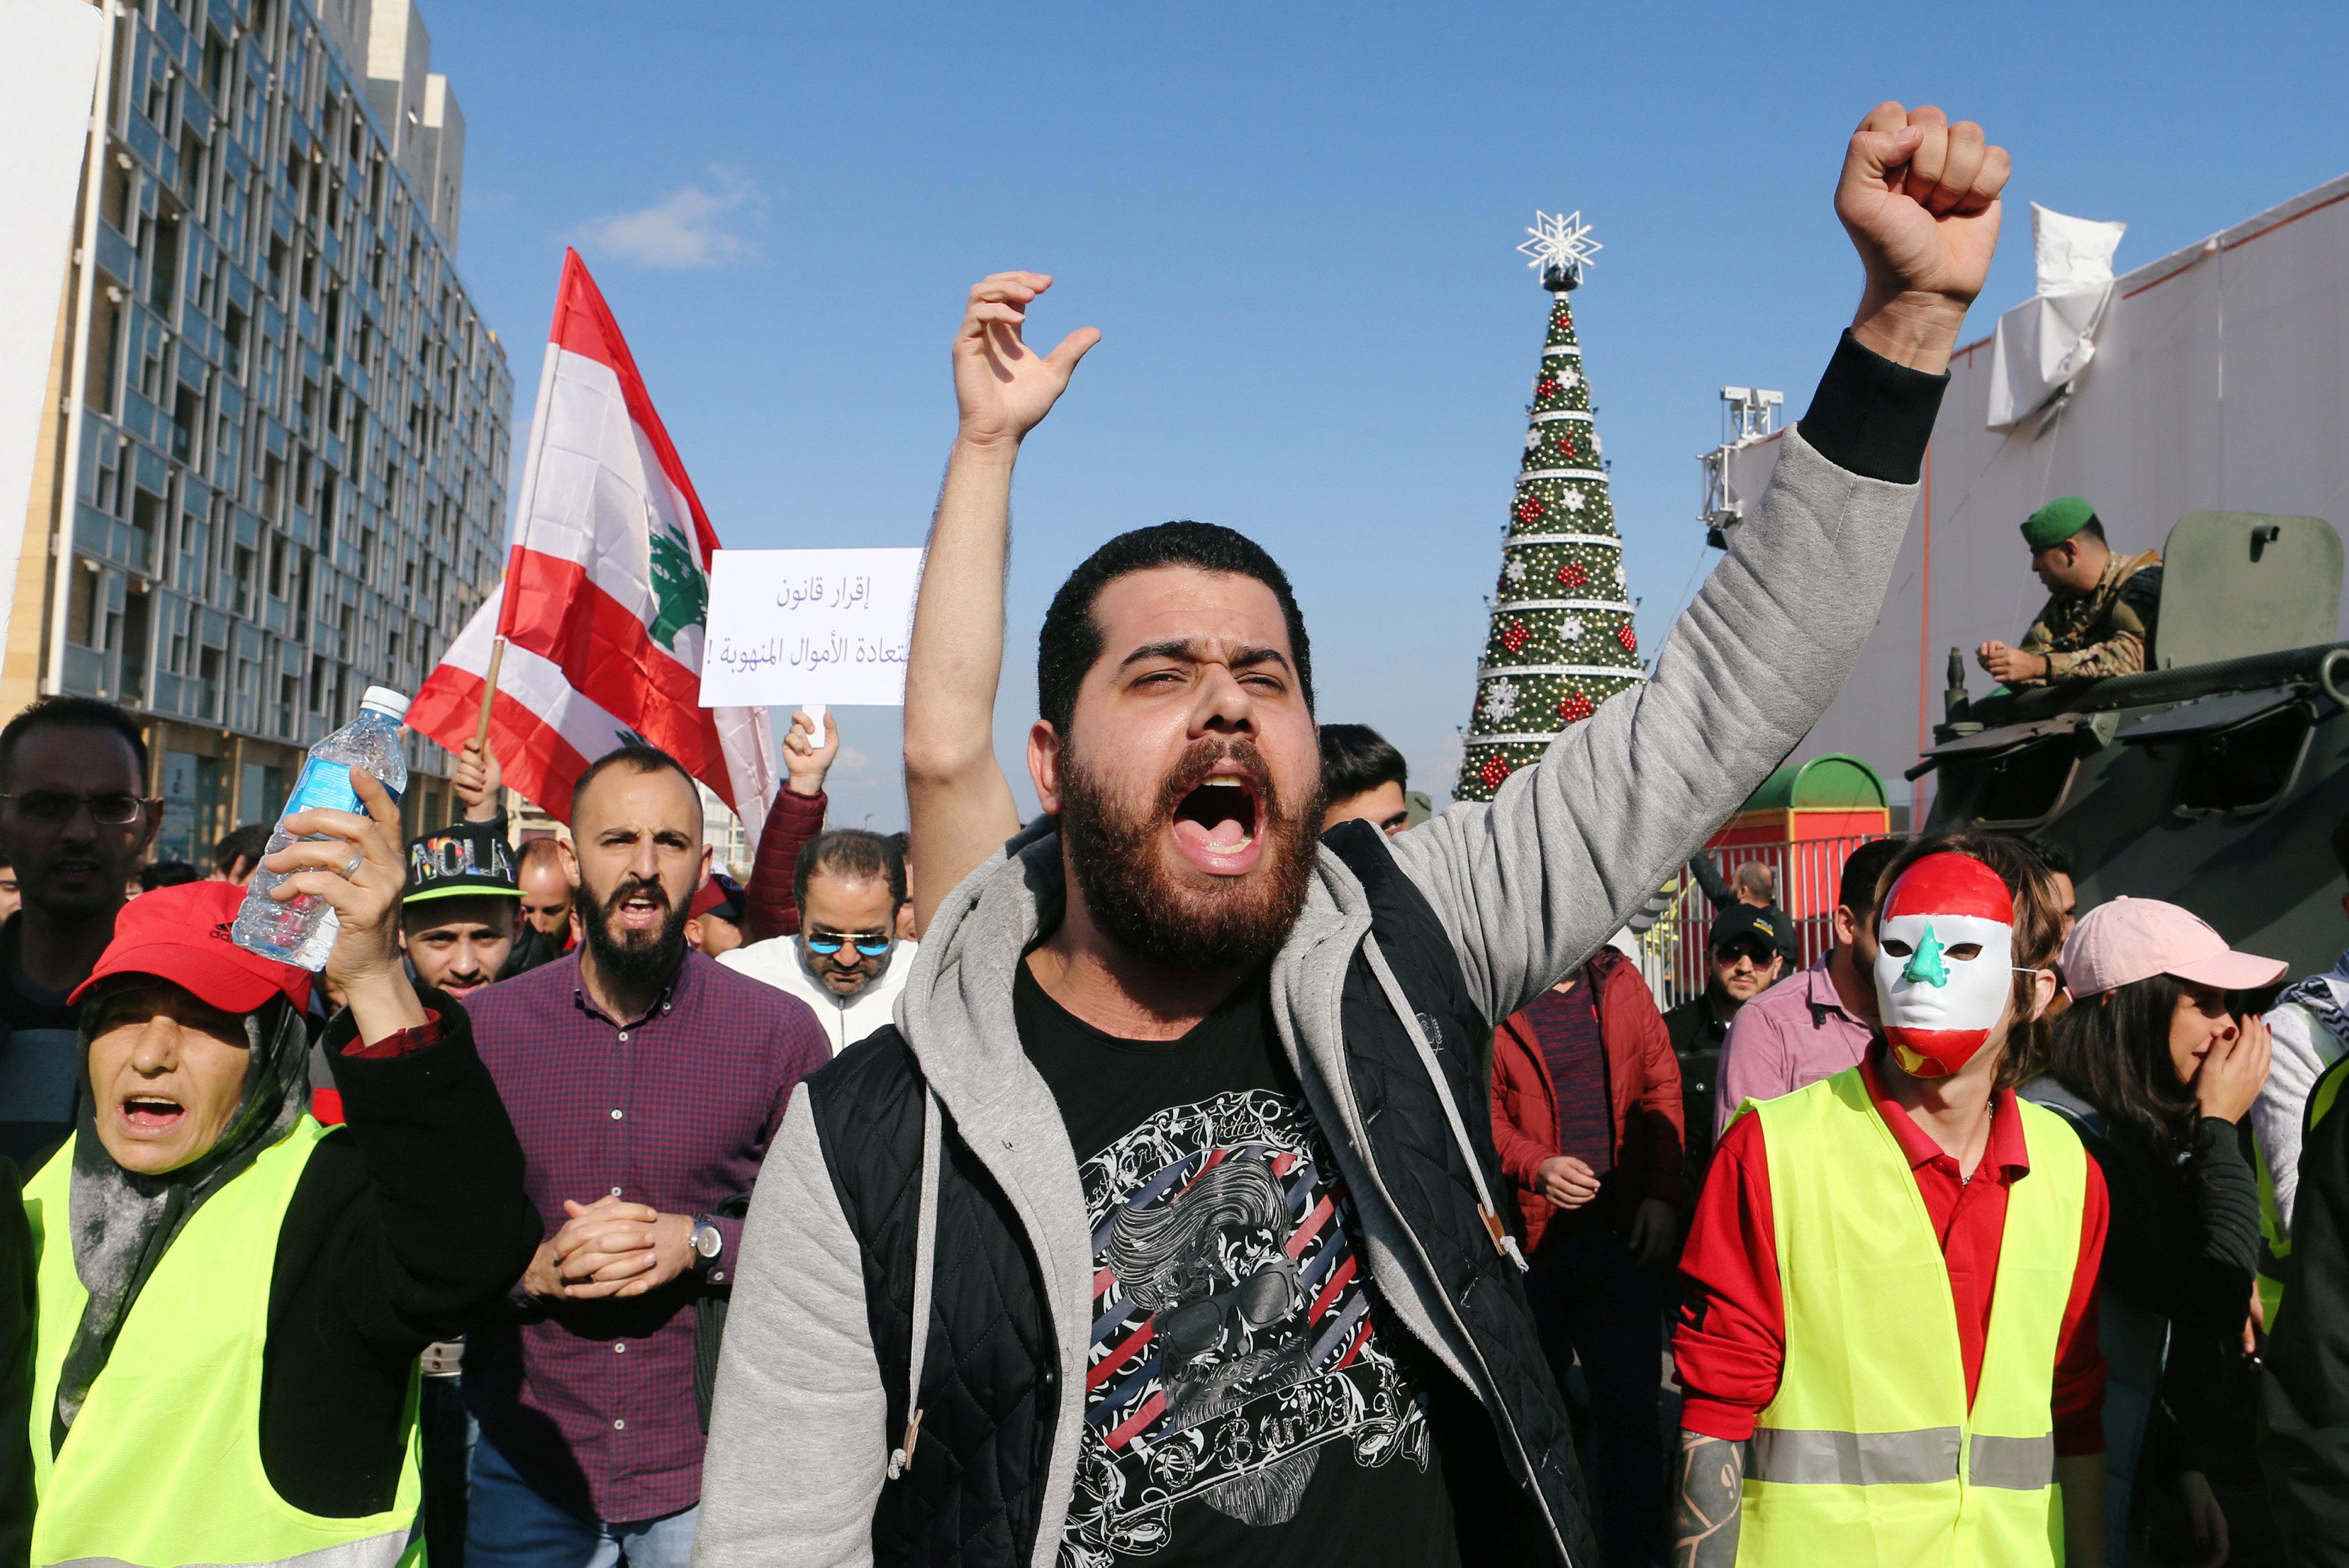 السترات الصفراء تظهر فى احتجاجات لبنان (2)